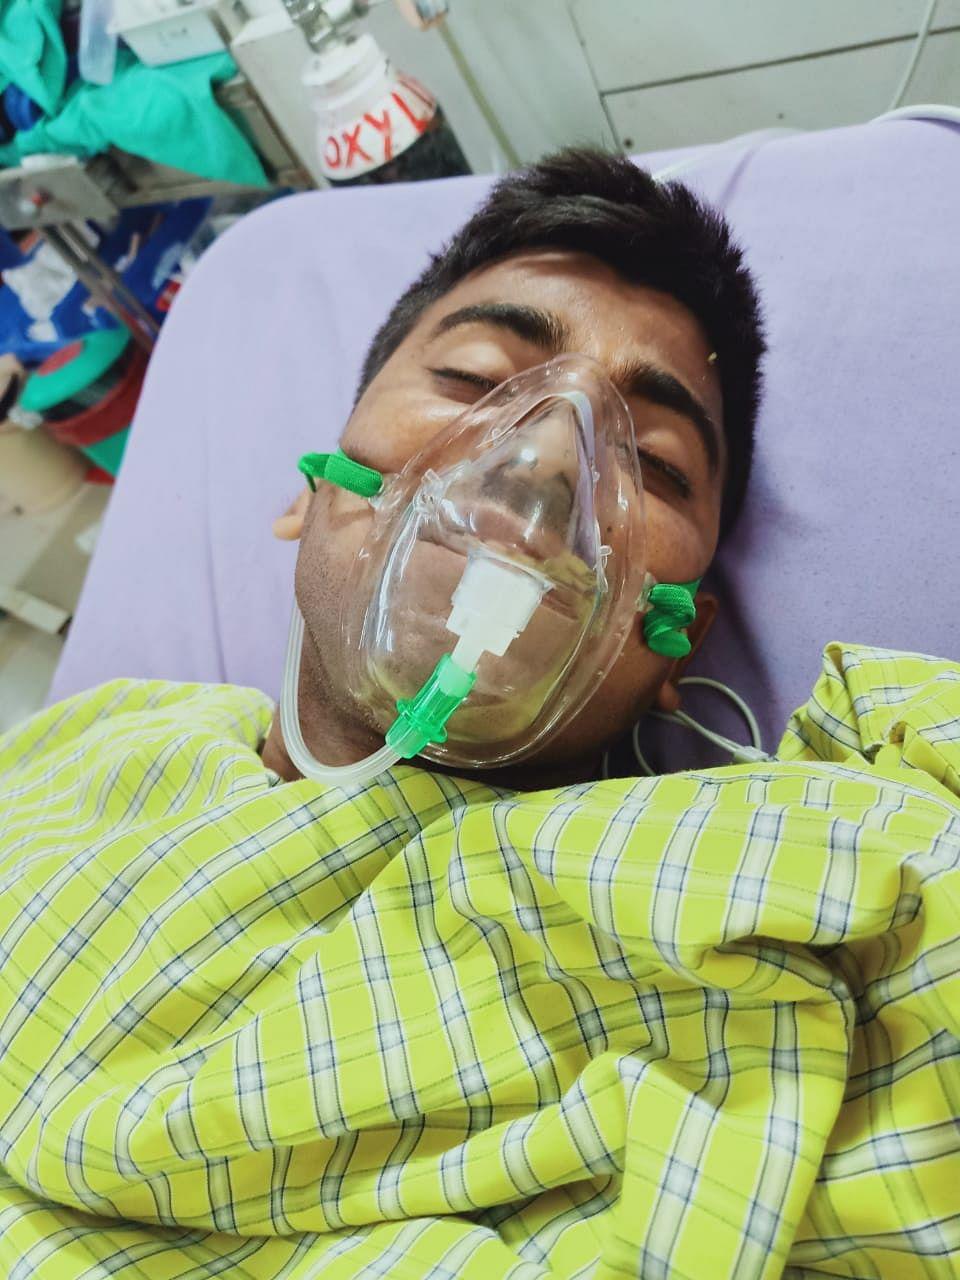 आईईडी ब्लास्ट की चपेट में आए सीआरपीएफ जवान का मेडिका में चल रहा है इलाज